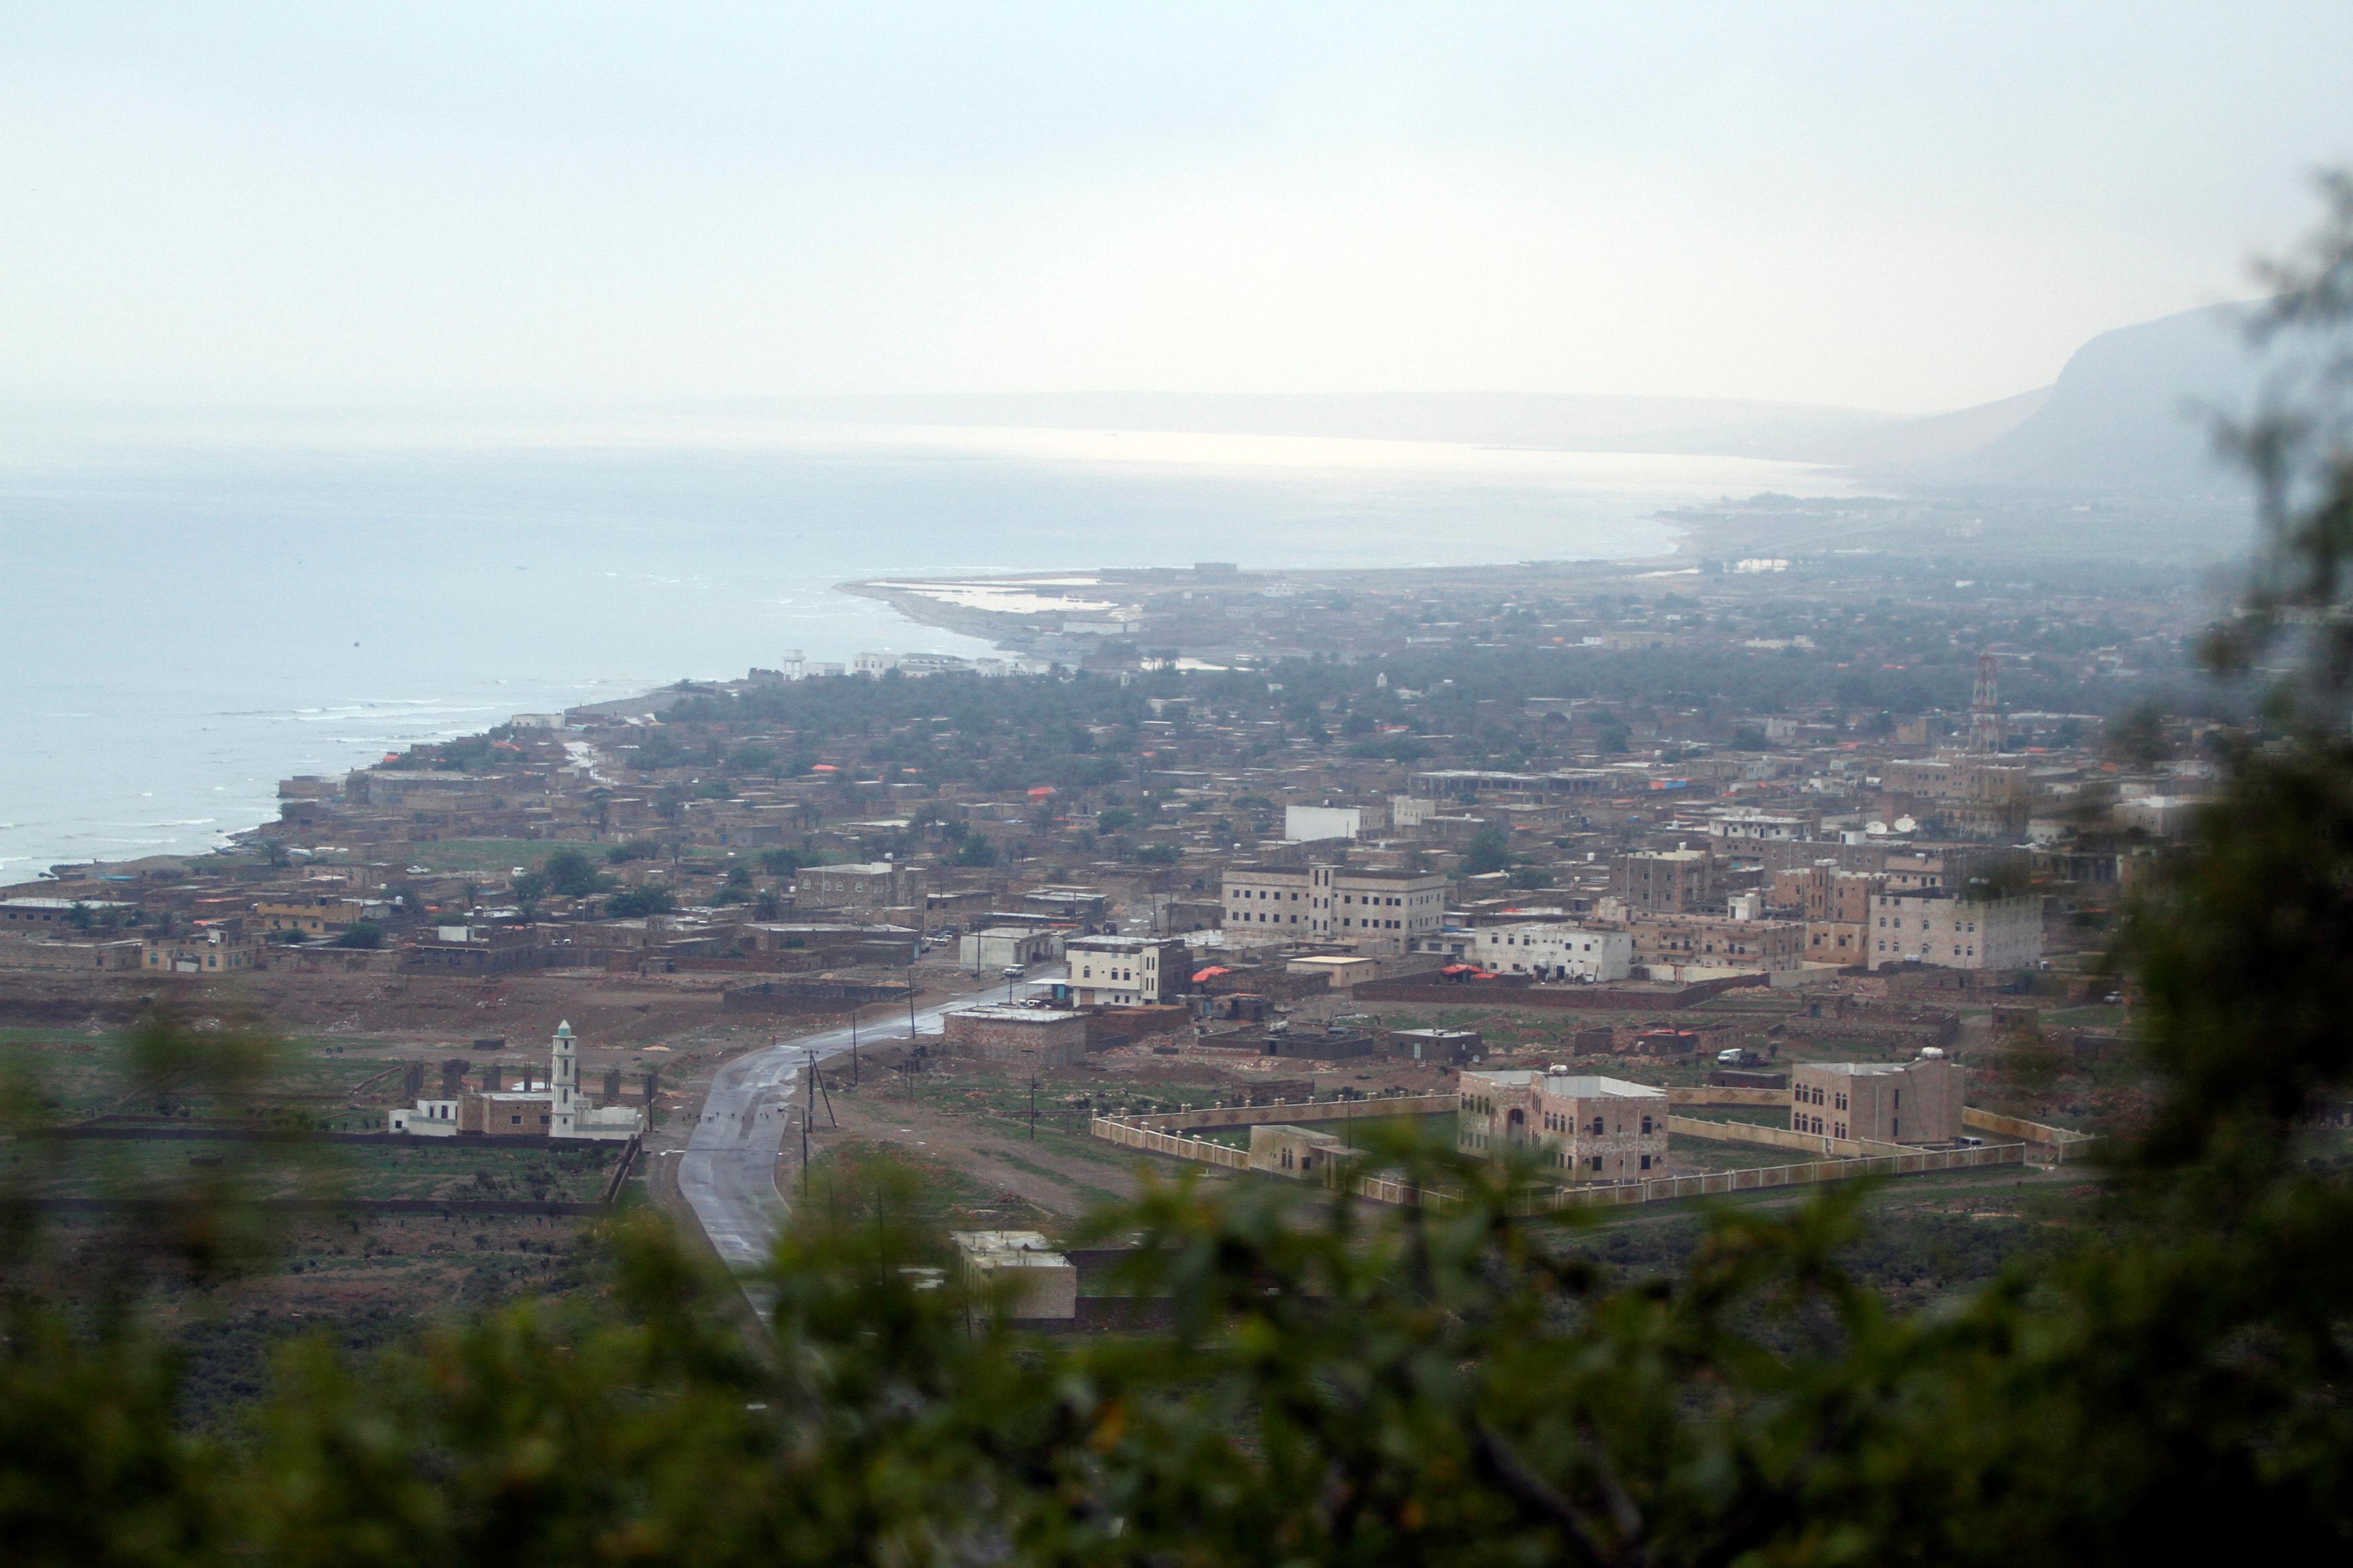 مدينة حديبو في جزيرة سقطرى اليمنية